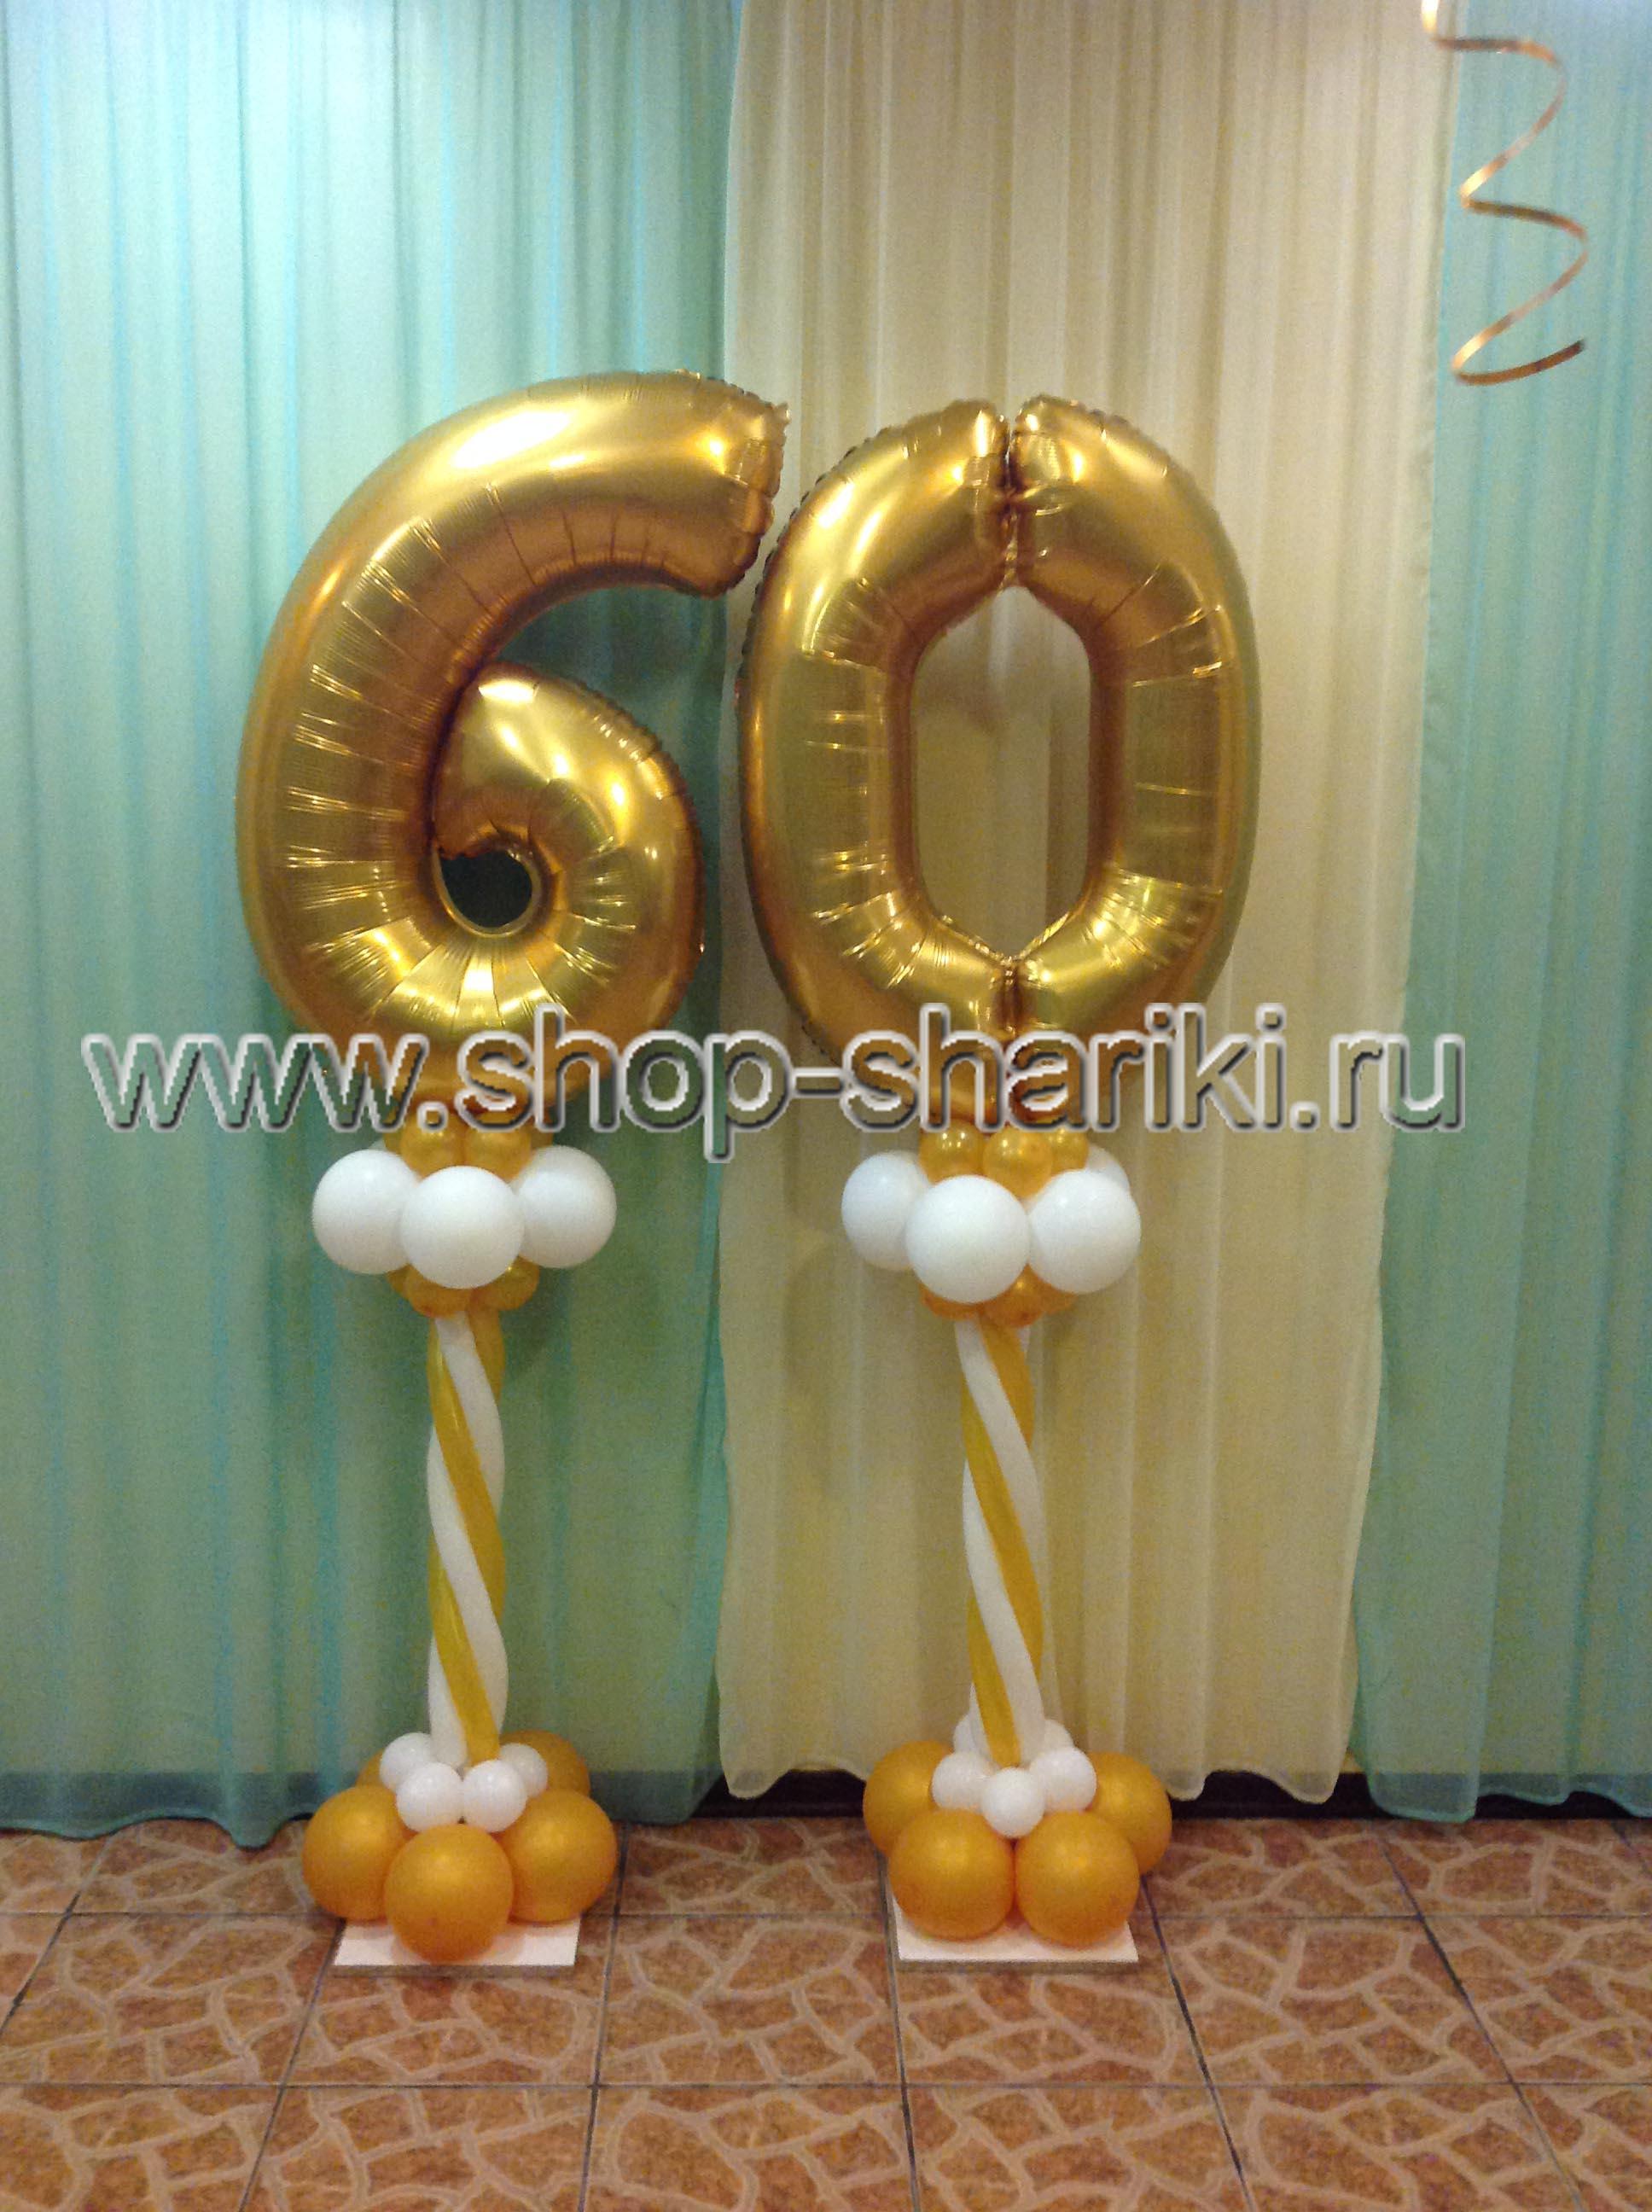 Украшение зала на 30 лет женщине фото